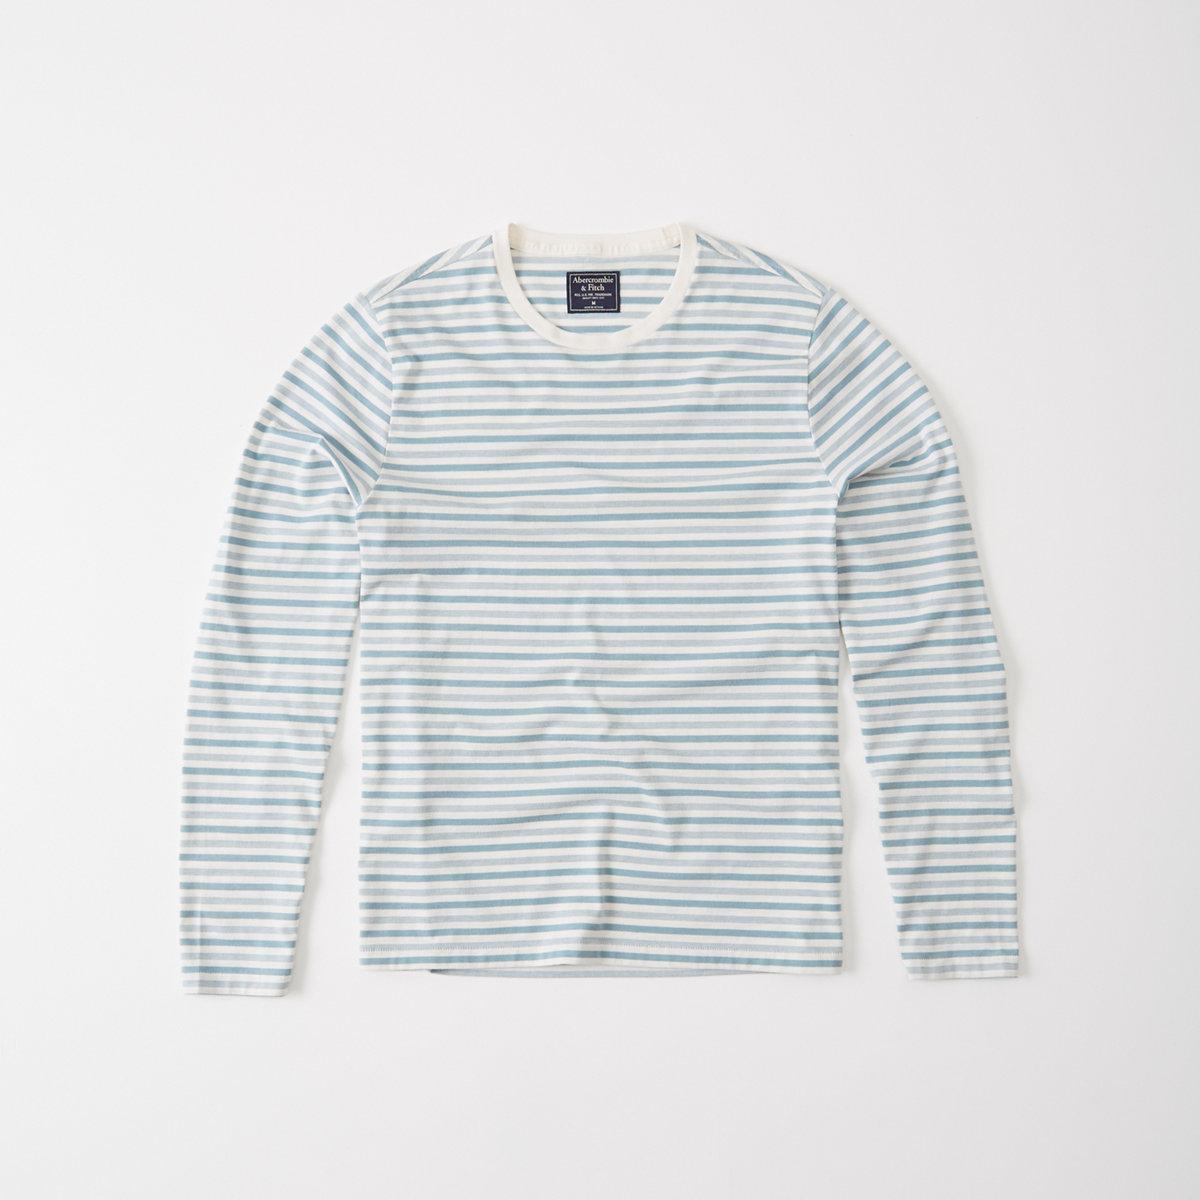 Long-Sleeve Striped Tee